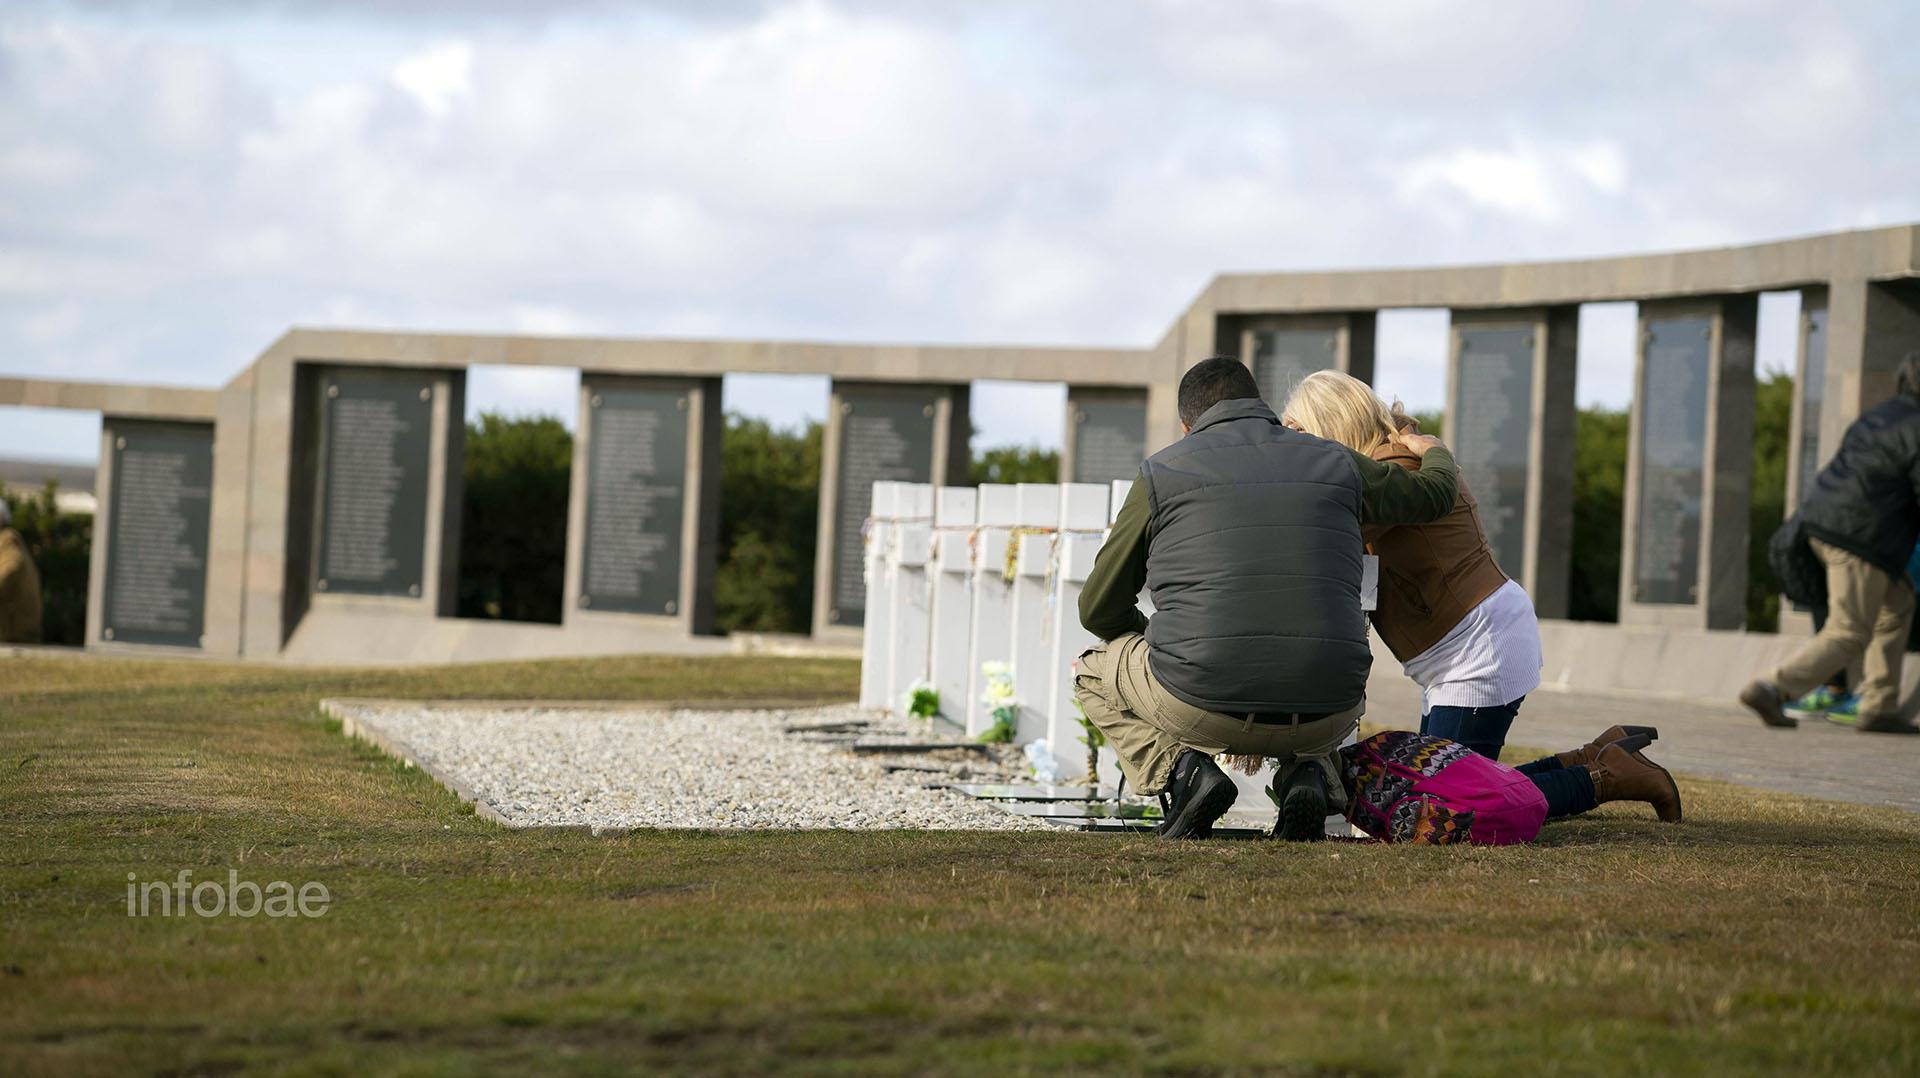 Familiares de Néstor González lloran a su ser querido en uno de los extremos del Sector C del Cementerio de Darwin